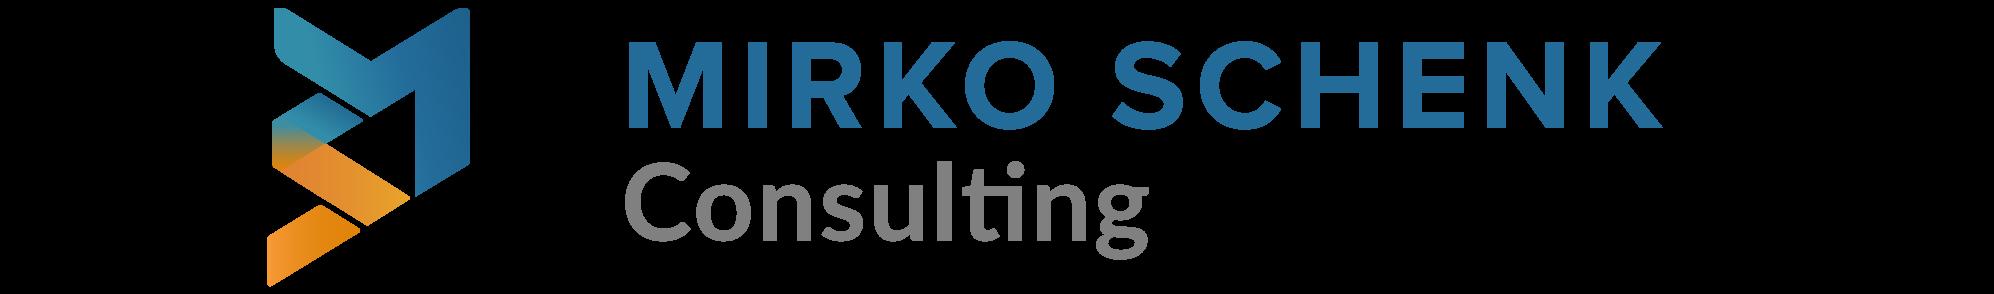 Mirko Schenk Consulting